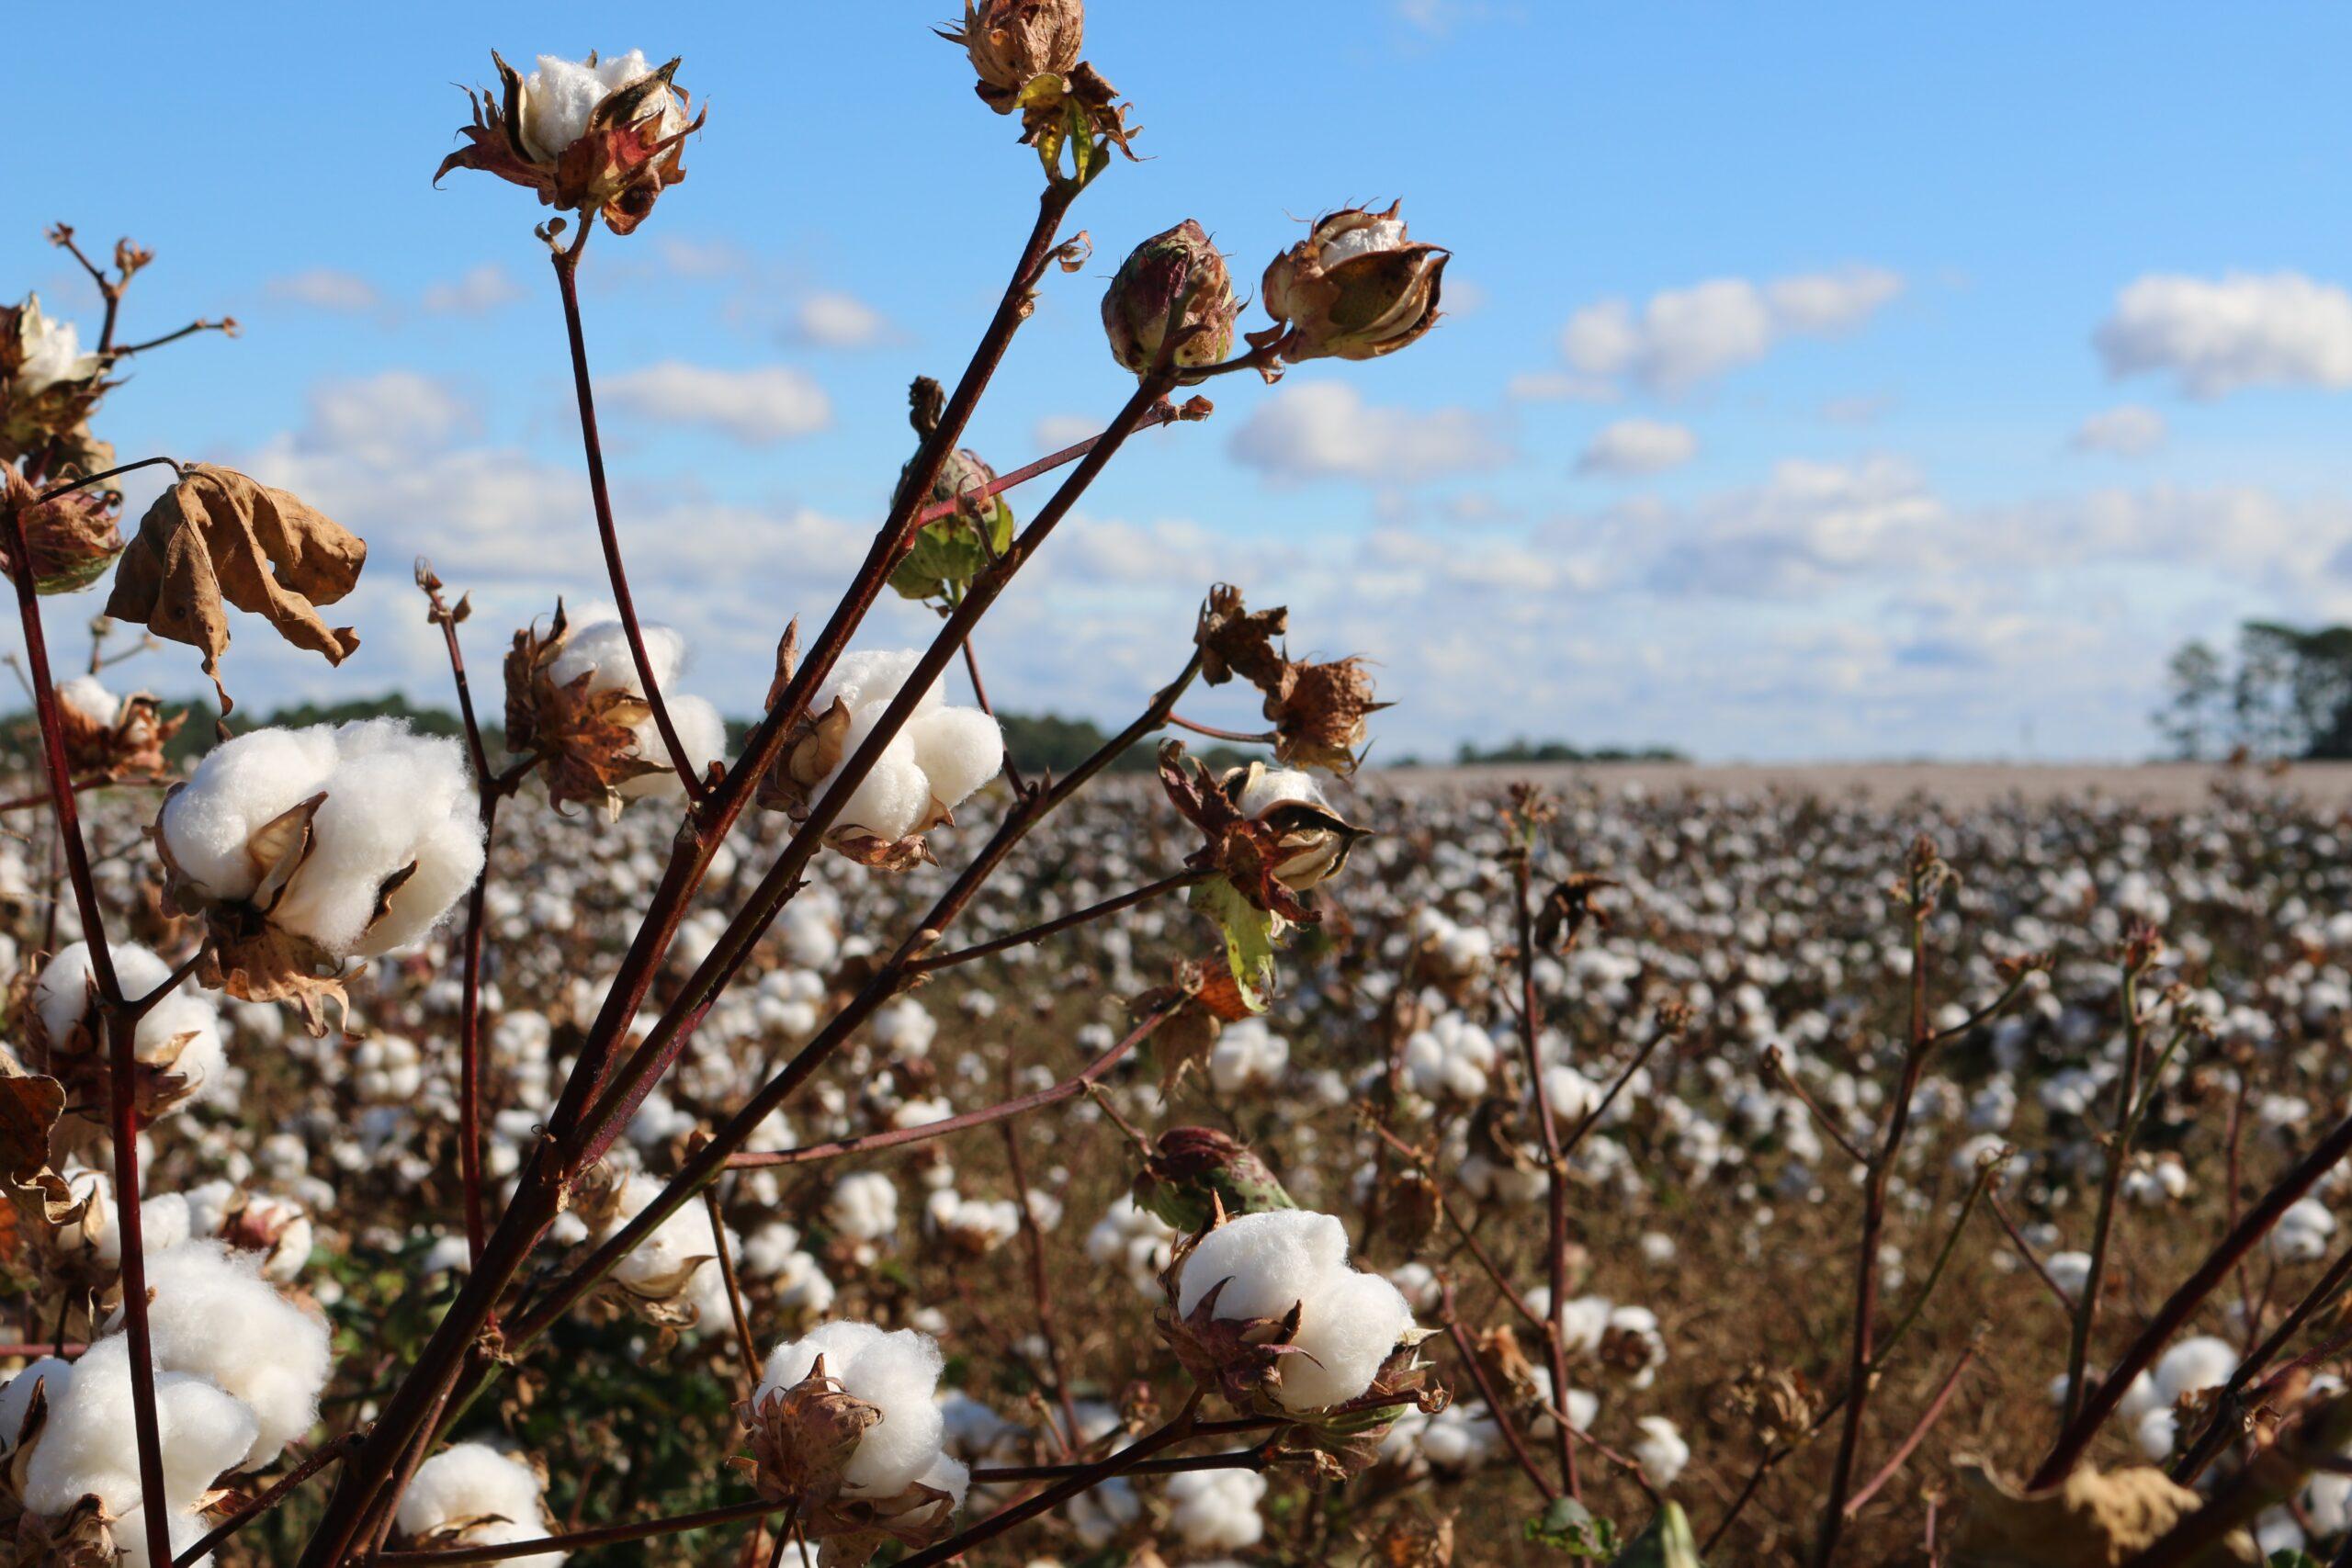 Cotton fields such as in the Uyghur Region